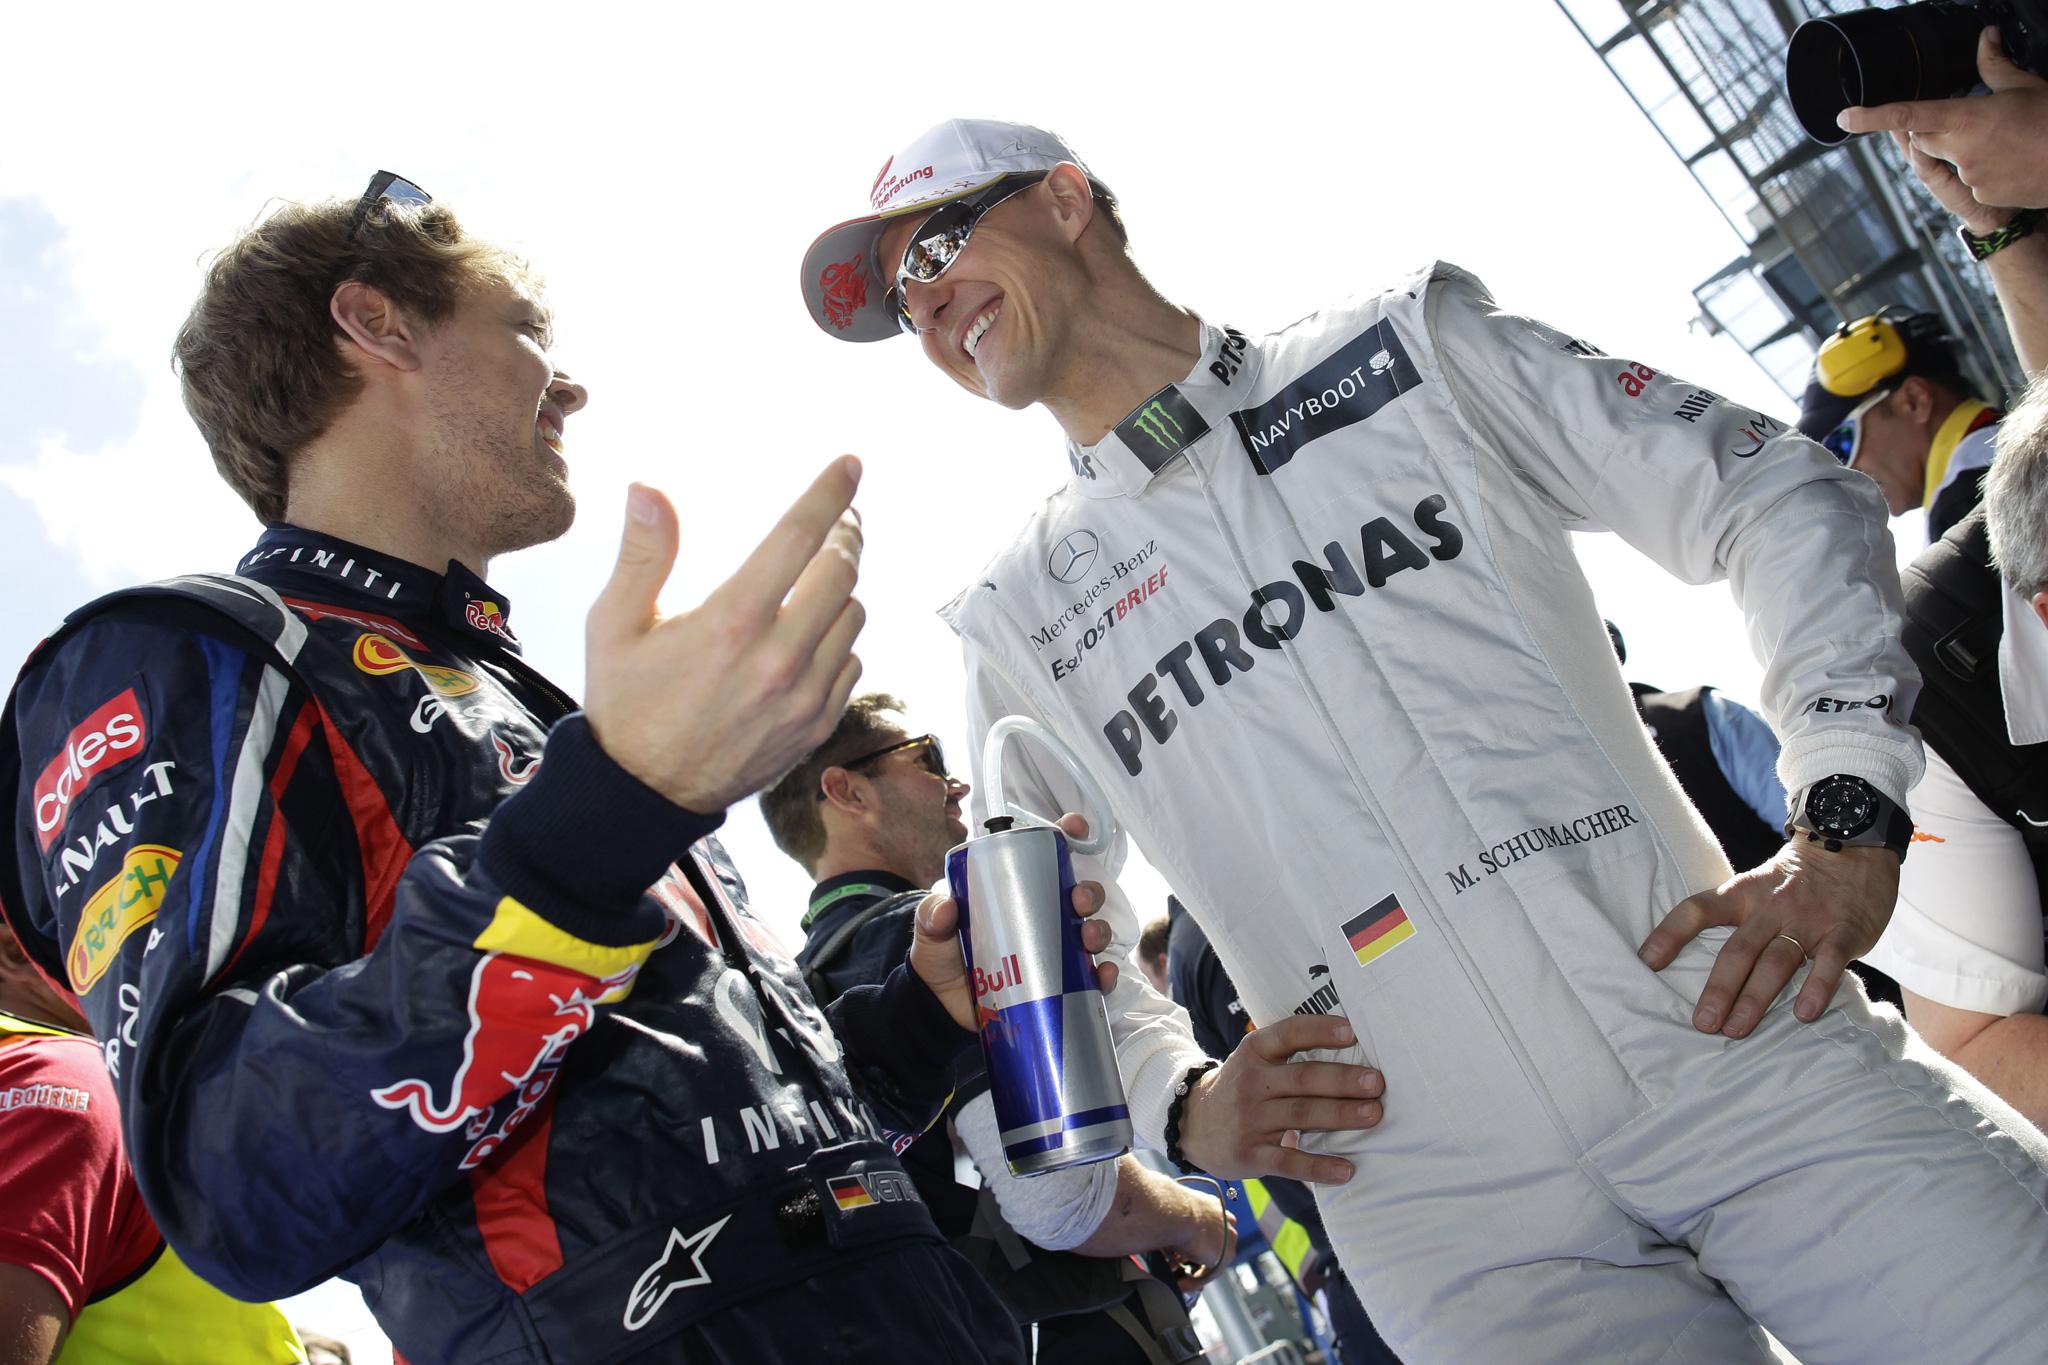 улыбающиеся Себастьян Феттель и Михаэль Шумахер на Гран-при Австралии 2012